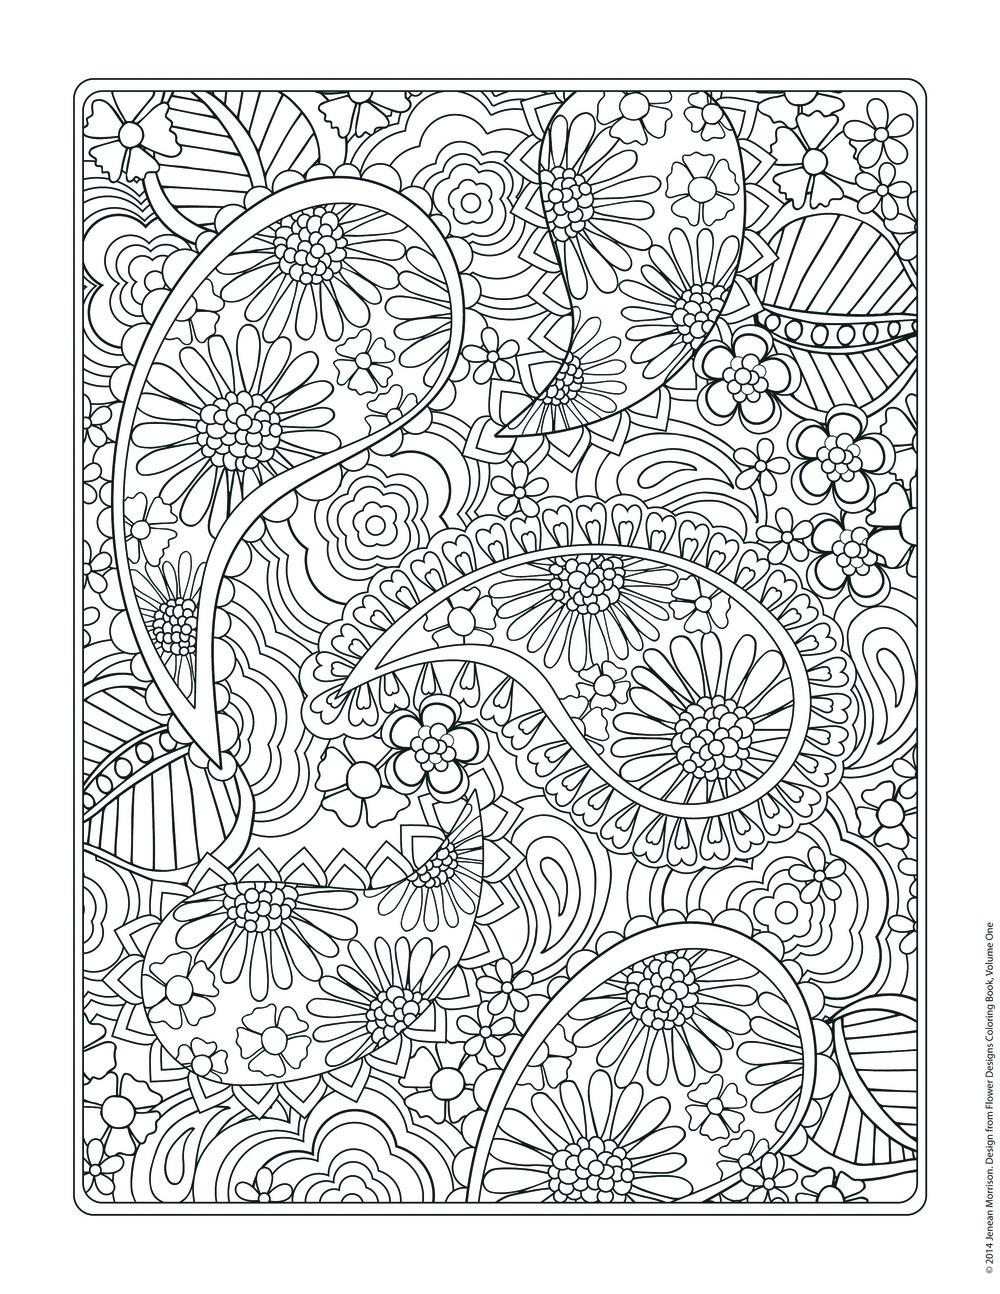 Unique Flowers Coloring Pages Mandala Designs Images